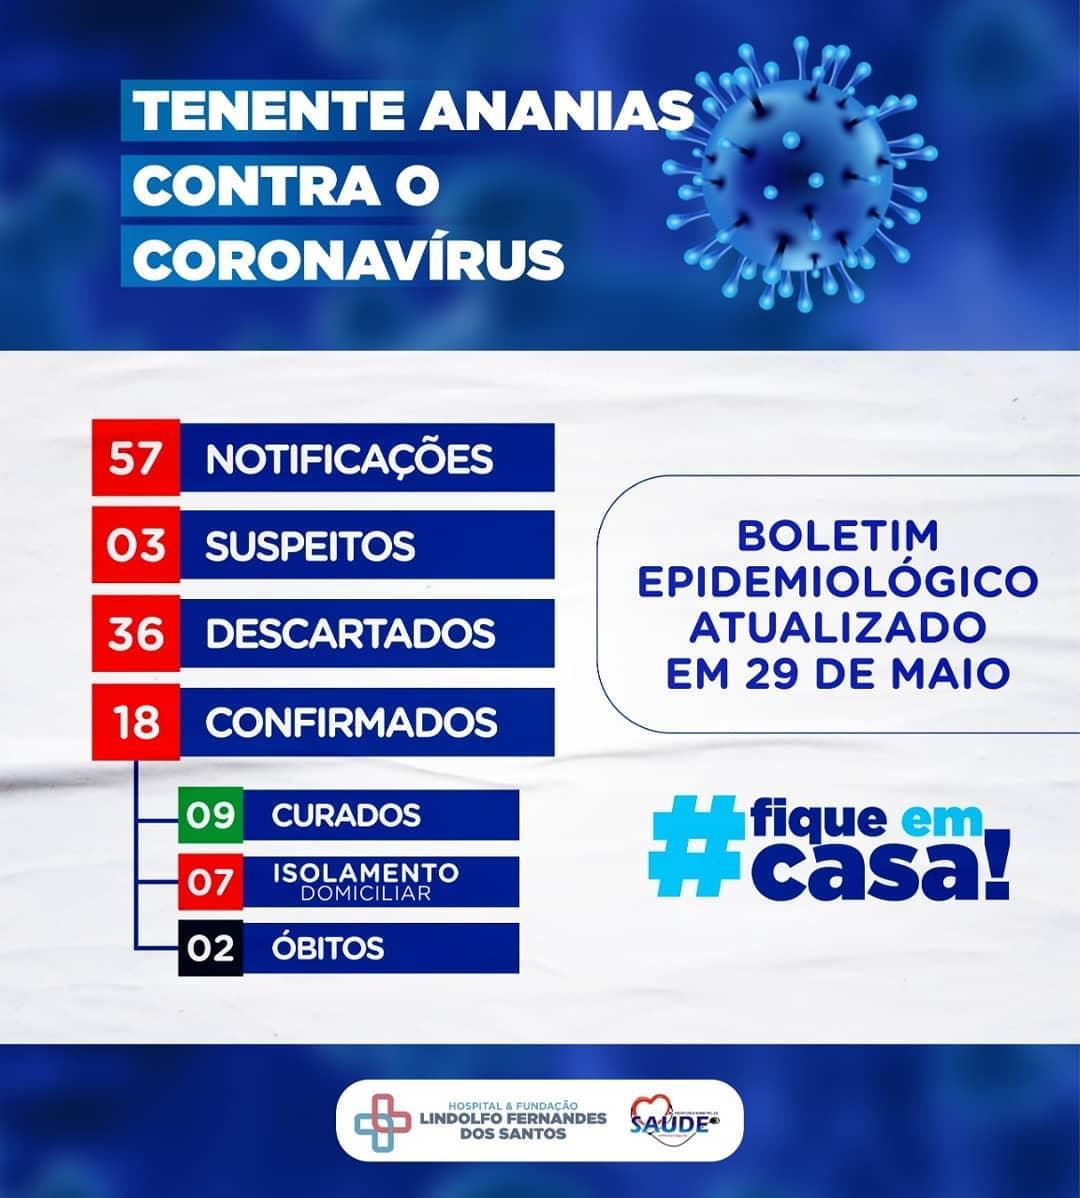 Boletim Epidemiológico, atualizado em 29 de maio de 2020